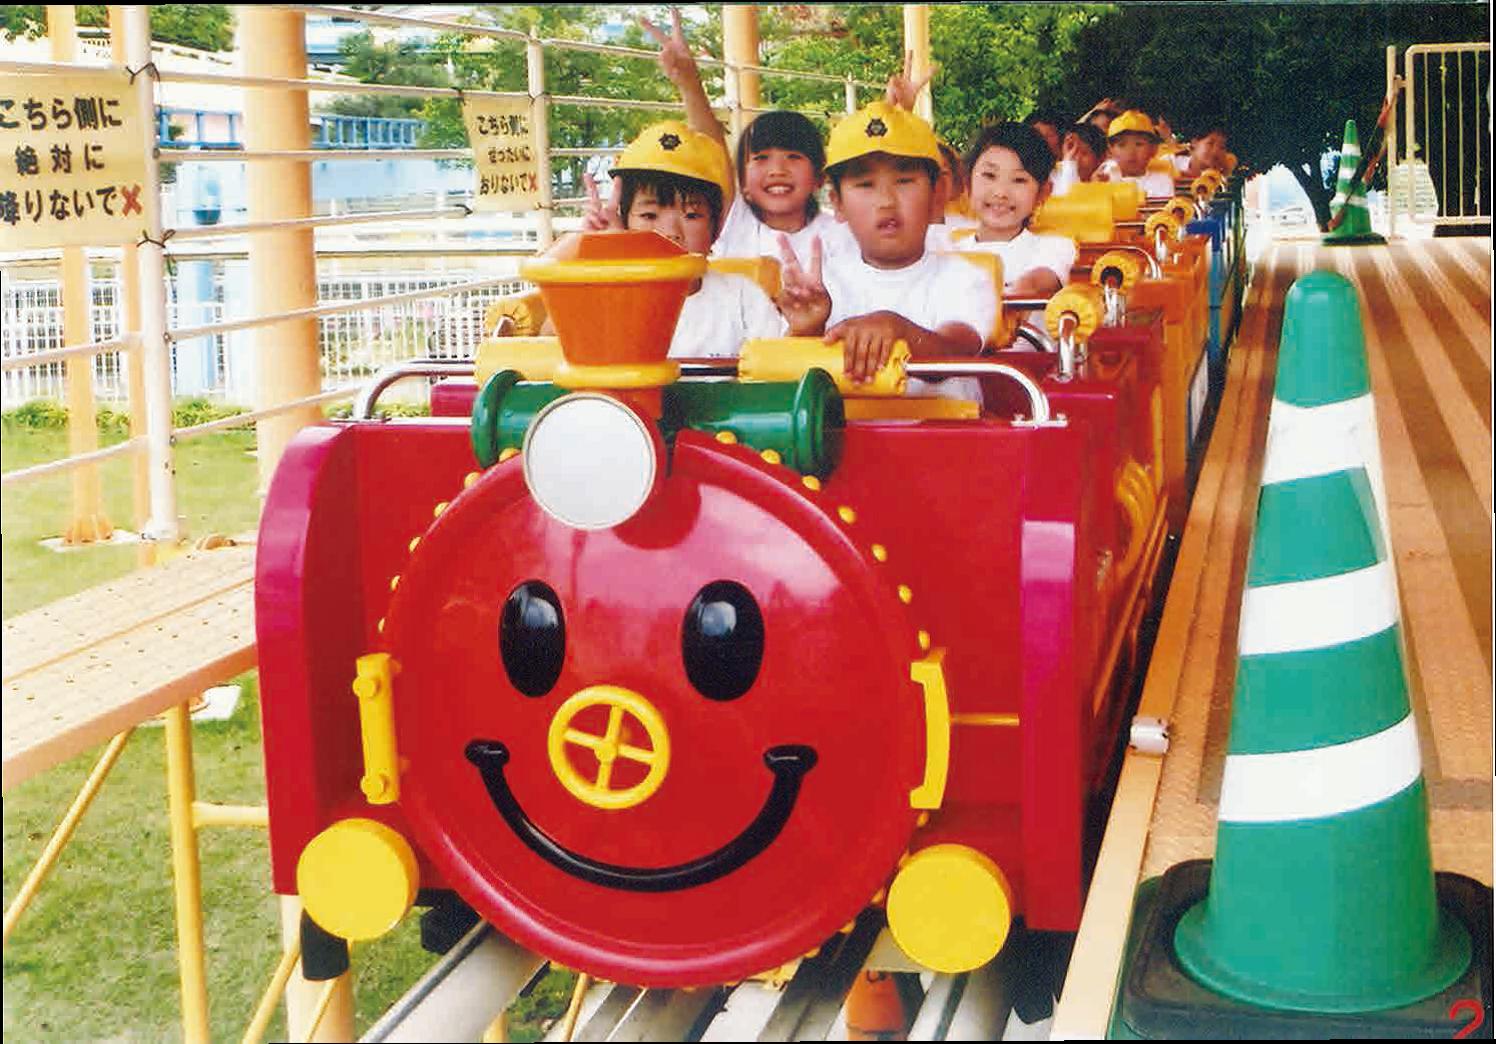 小さい子ども連れも楽しめる愛知県内の格安スポット7選。50円から遊べる乗り物も - 8c0c3027e3cfc3d644caab3847a505b0